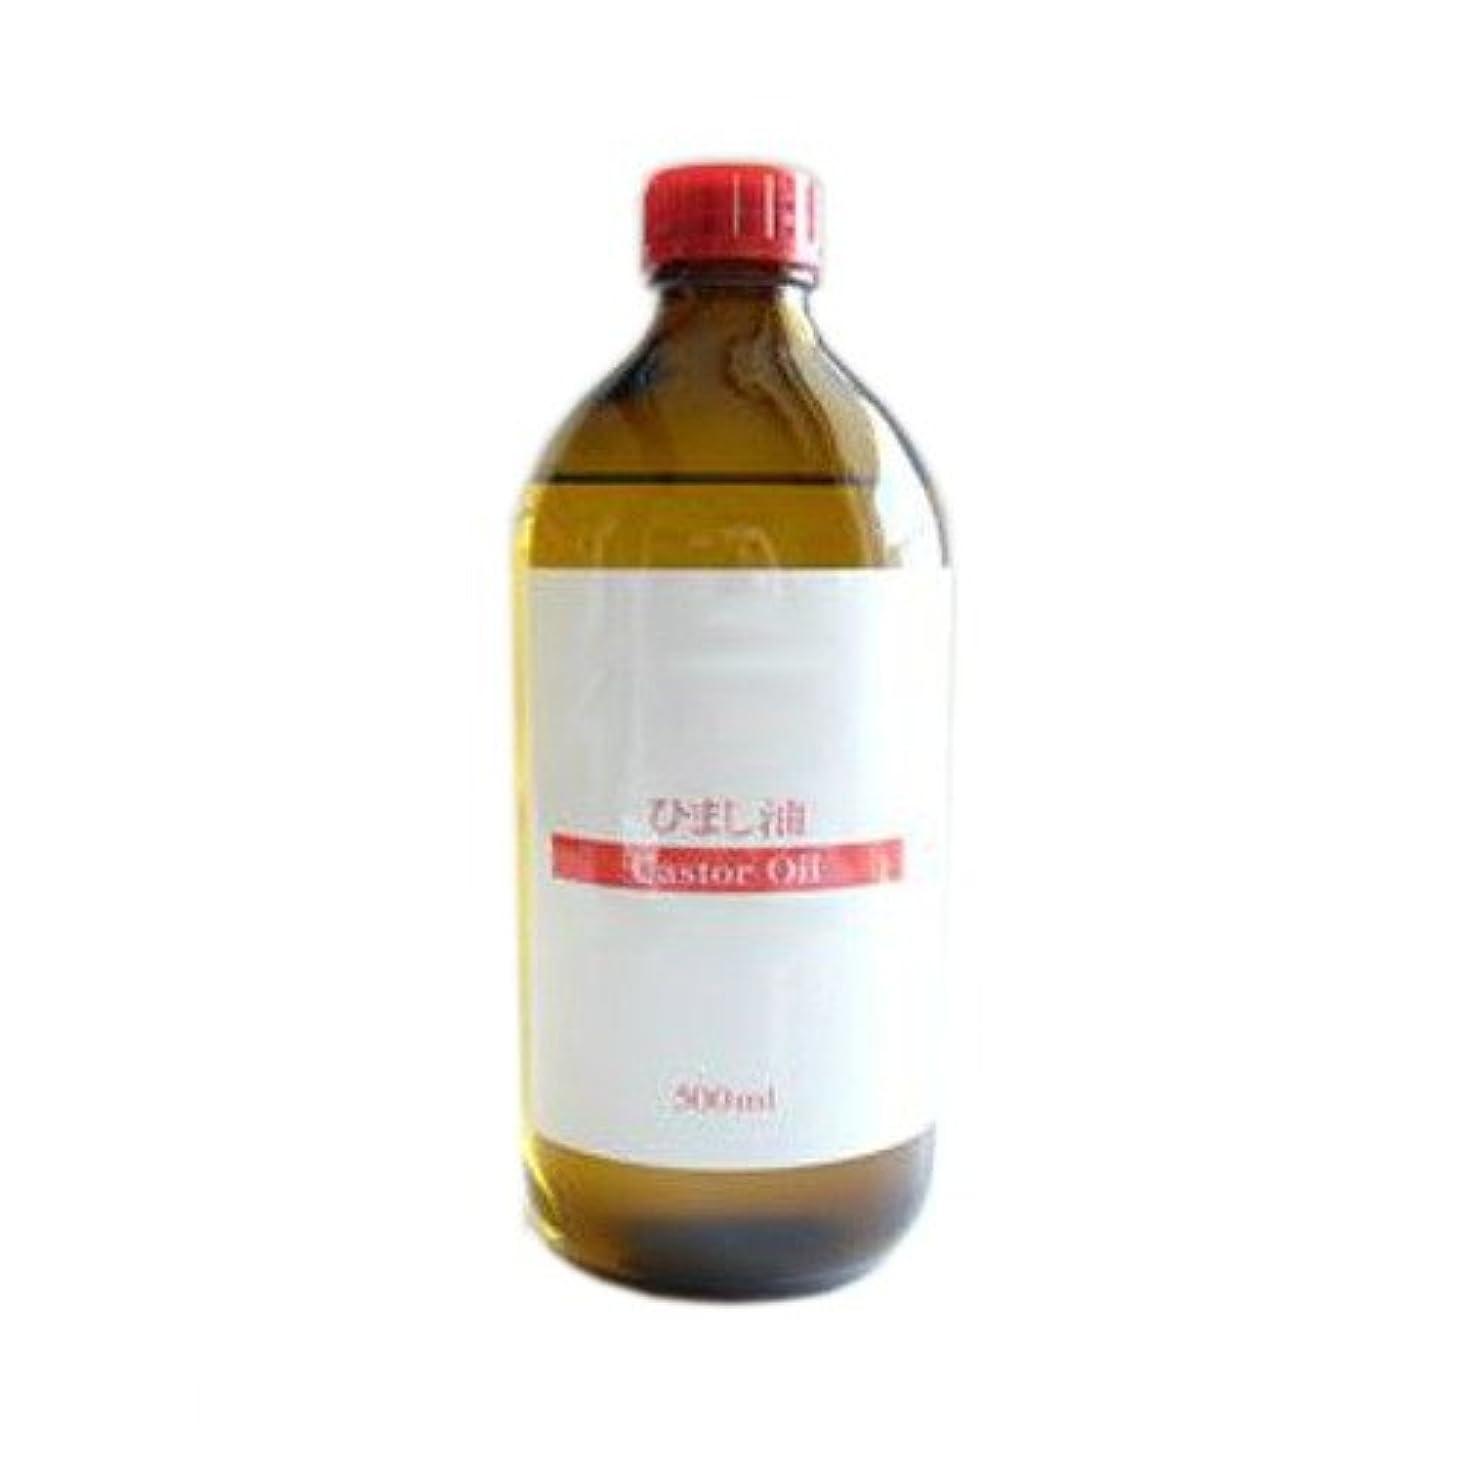 ハッピー液体刺しますひまし油 (キャスターオイル) 500ml